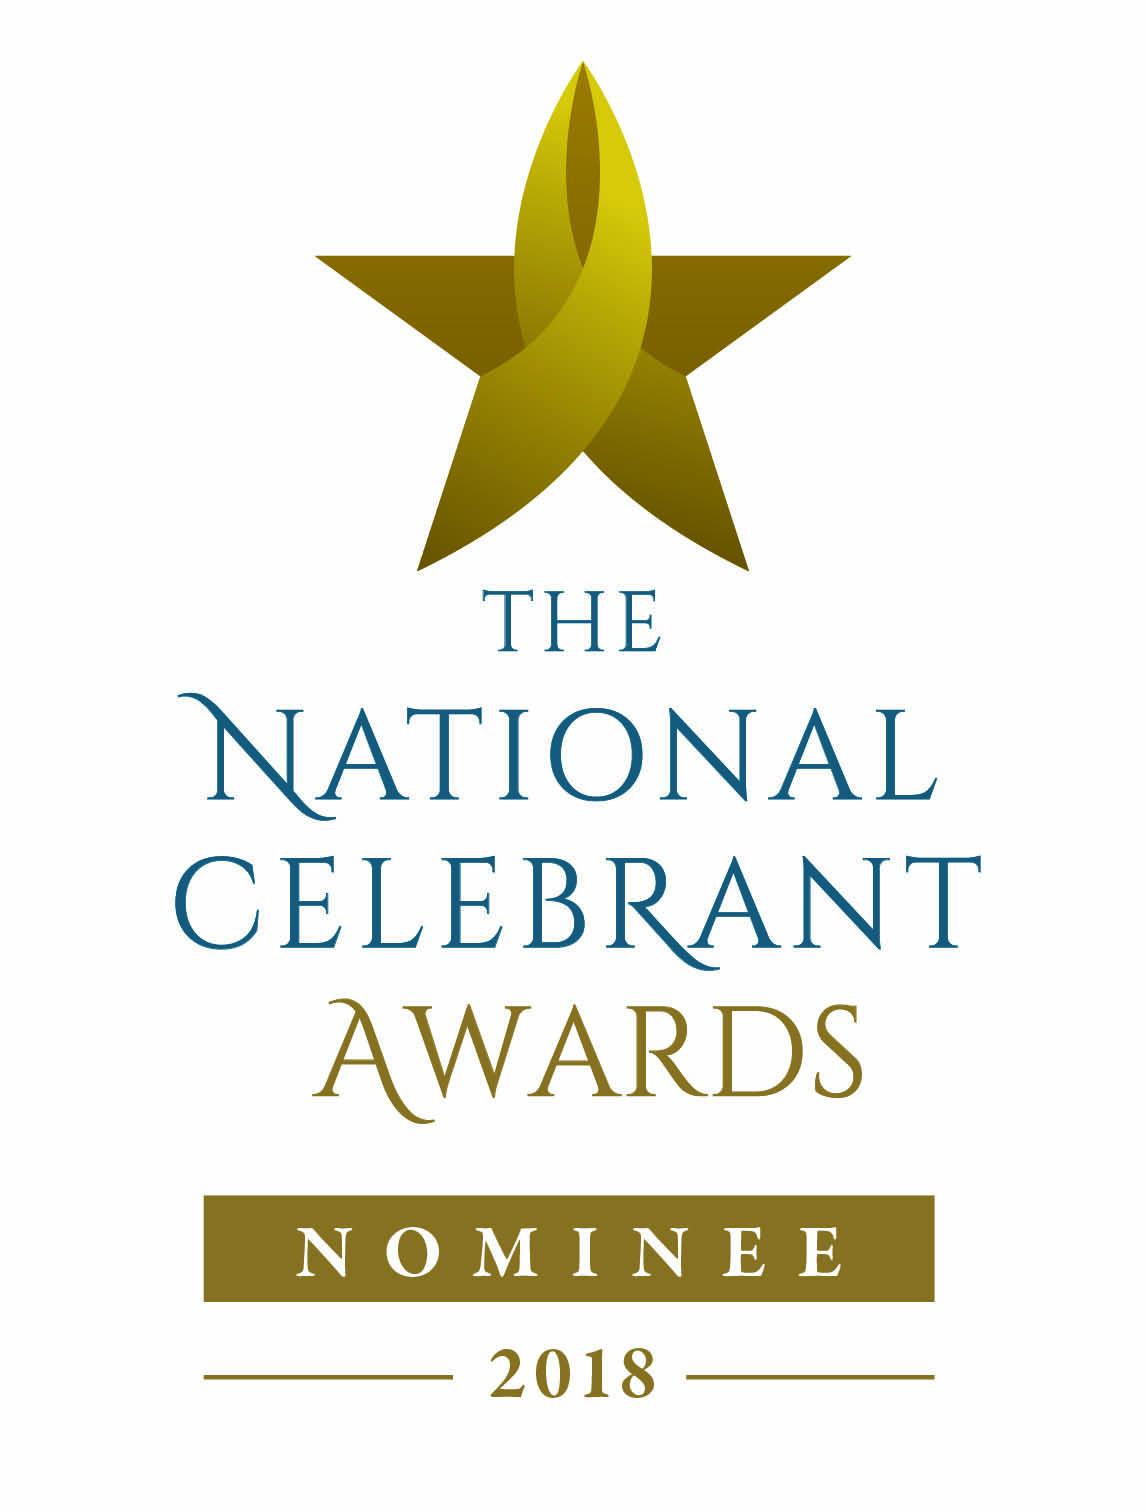 NCA_nominee.jpg